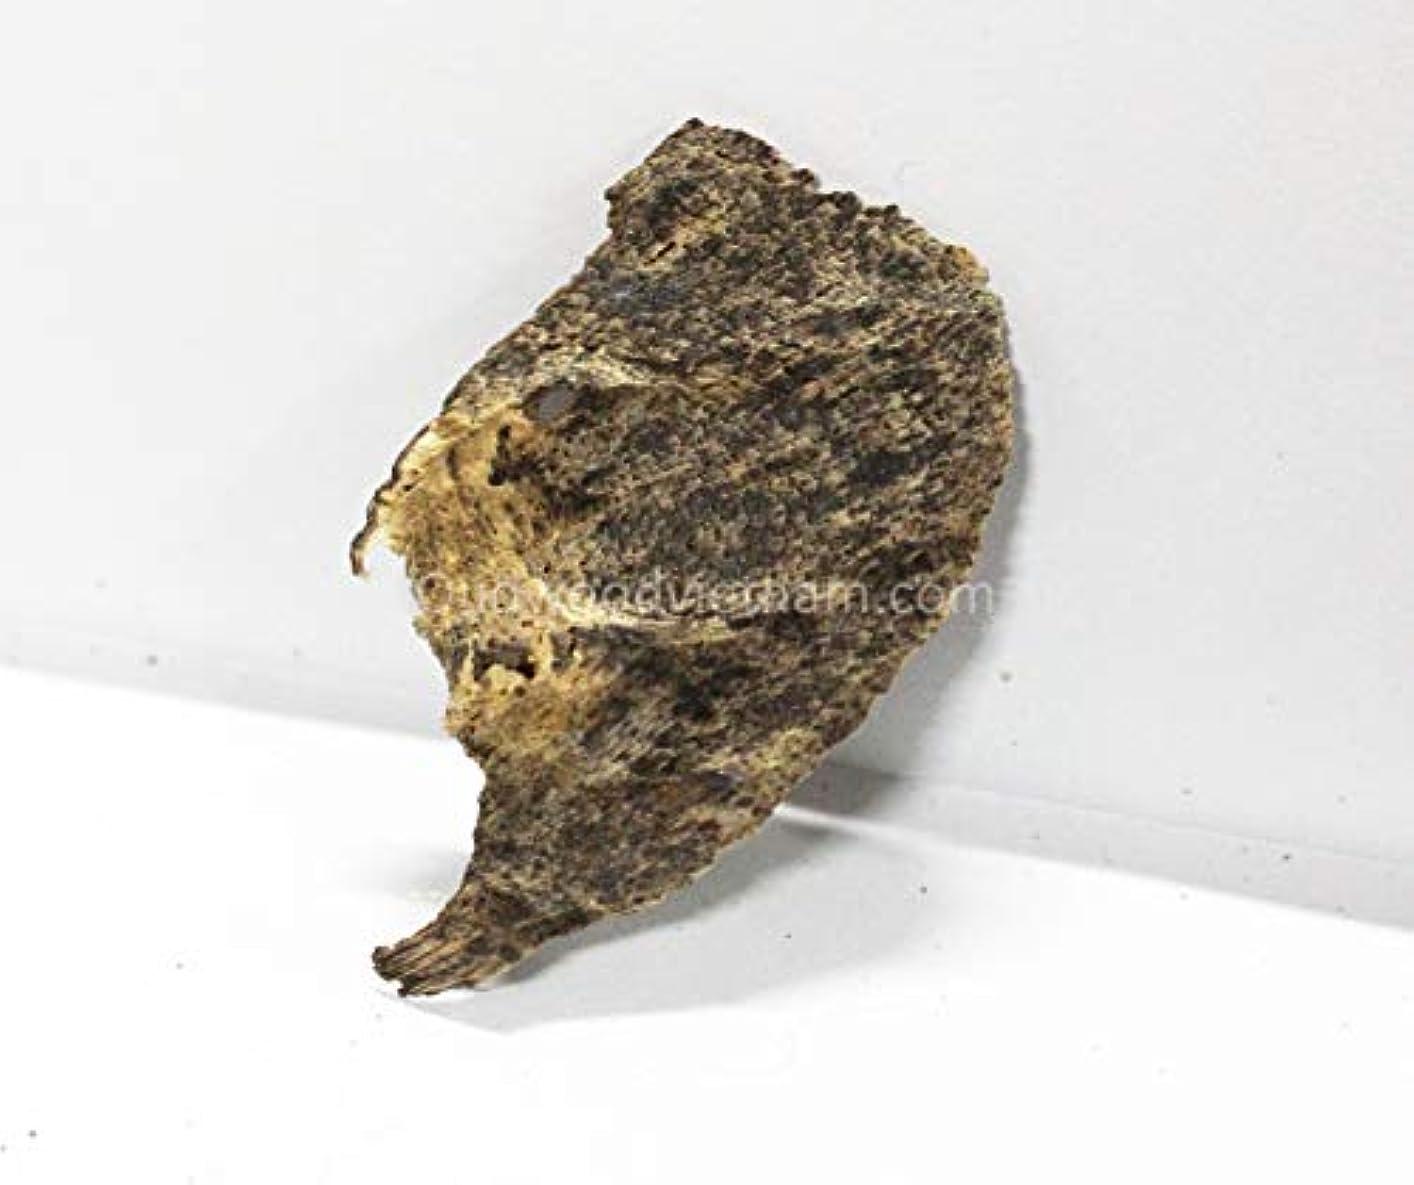 に沿って目を覚ます斧アガーウッドチップ オウドチップス お香 アロマ ナチュラル ワイルド レア アガーウッド チップ オードウッド ベトナム 純素材 グレード A++ 50g